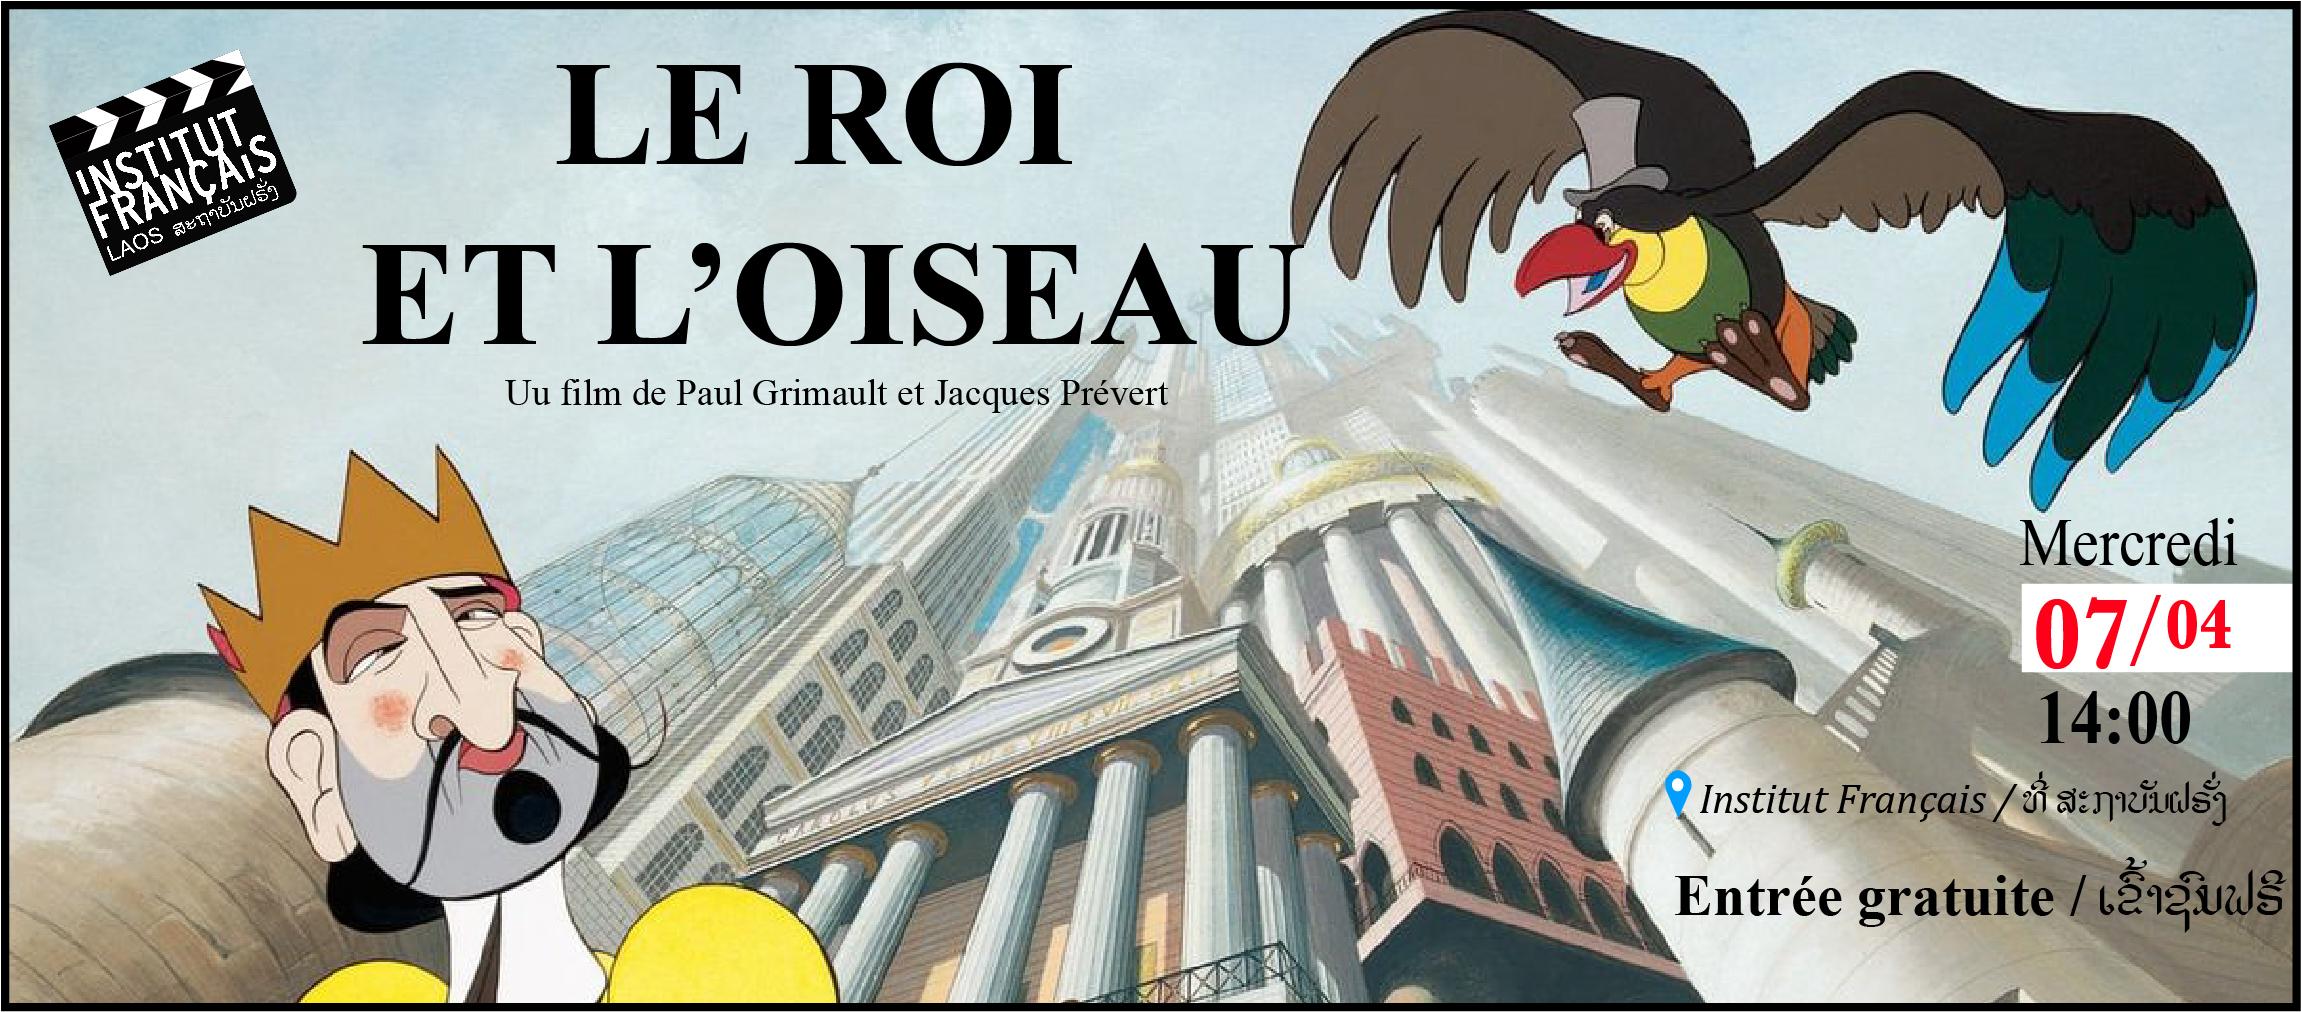 FILM ENFANTS // LE ROI ET L'OISEAU